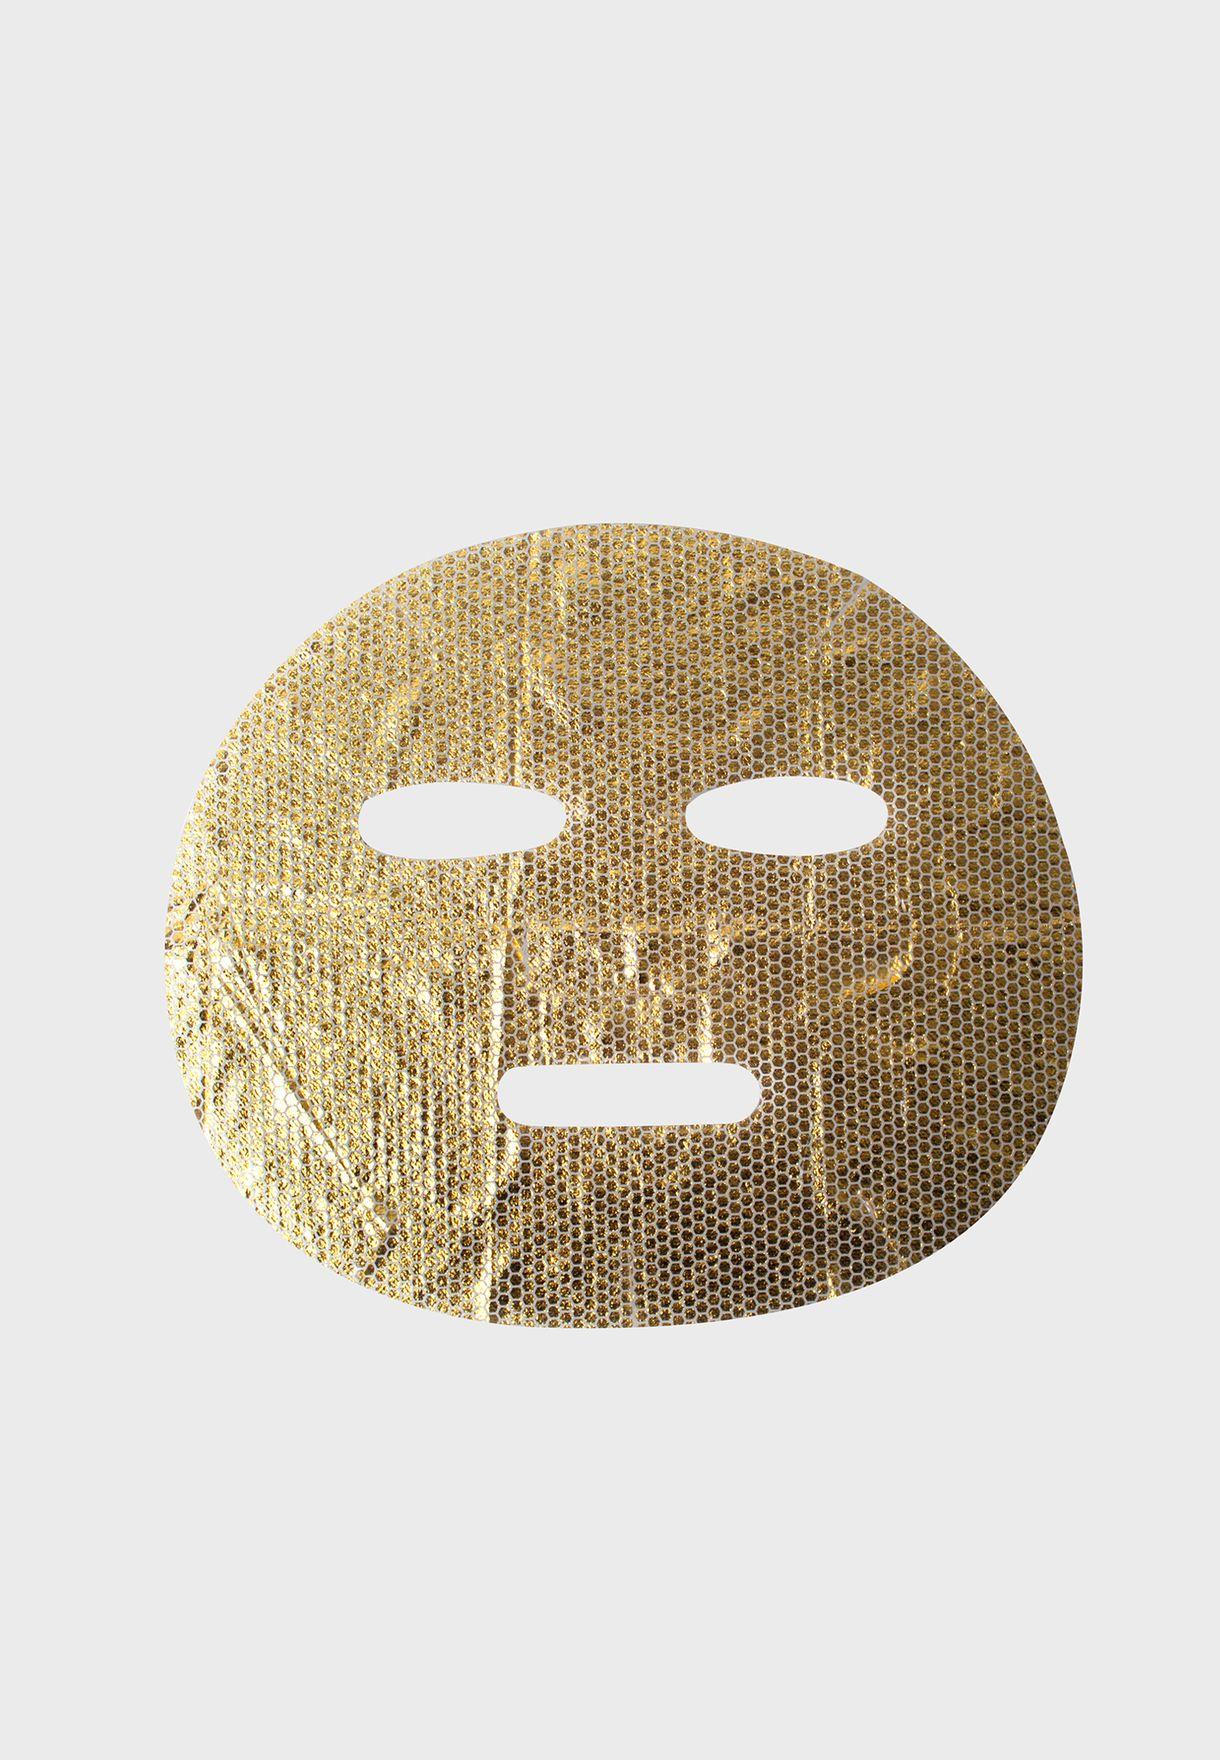 ماسك الذهب لبشرة مشرقة